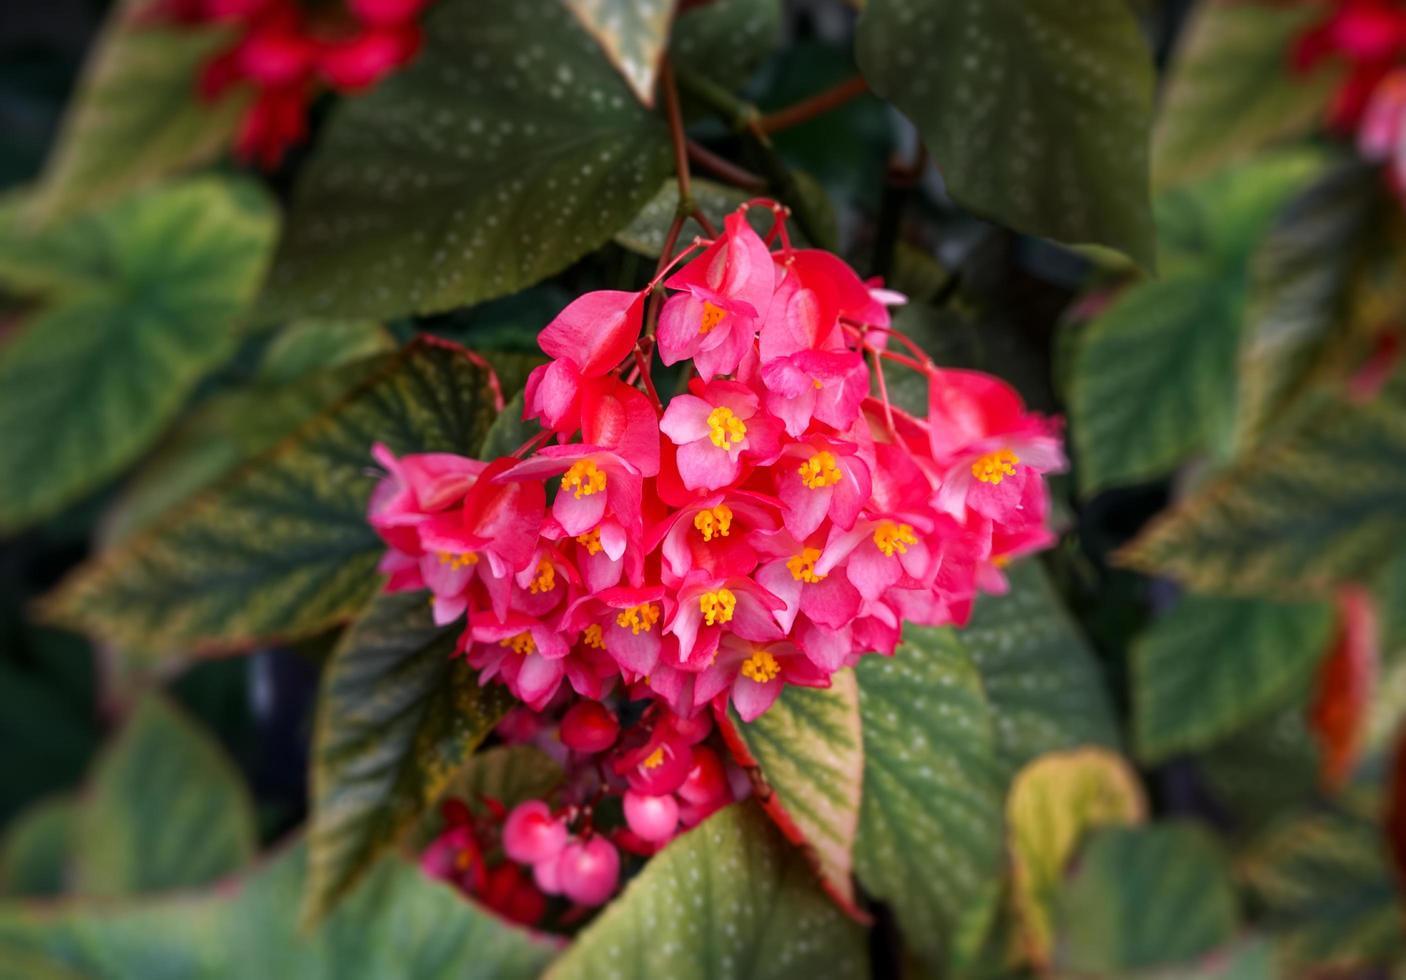 fond floral avec des bégonias de fleurs roses photo